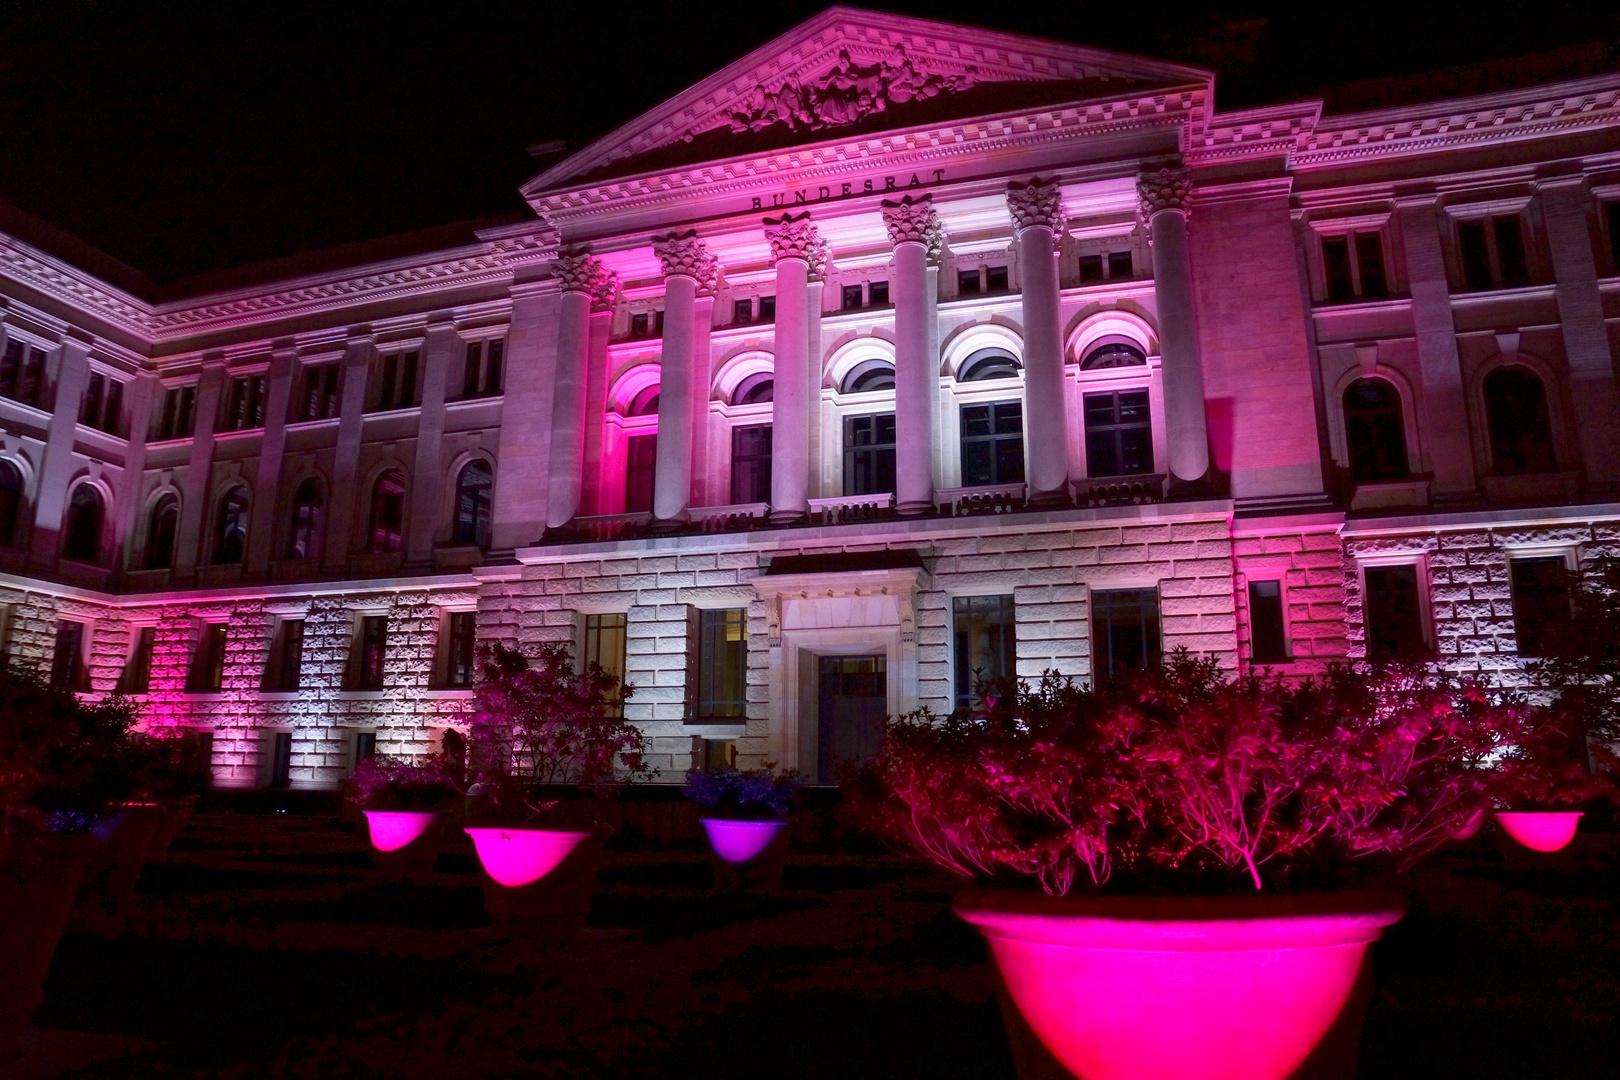 FESTIVAL OF LIGHTS BERLIN 2013